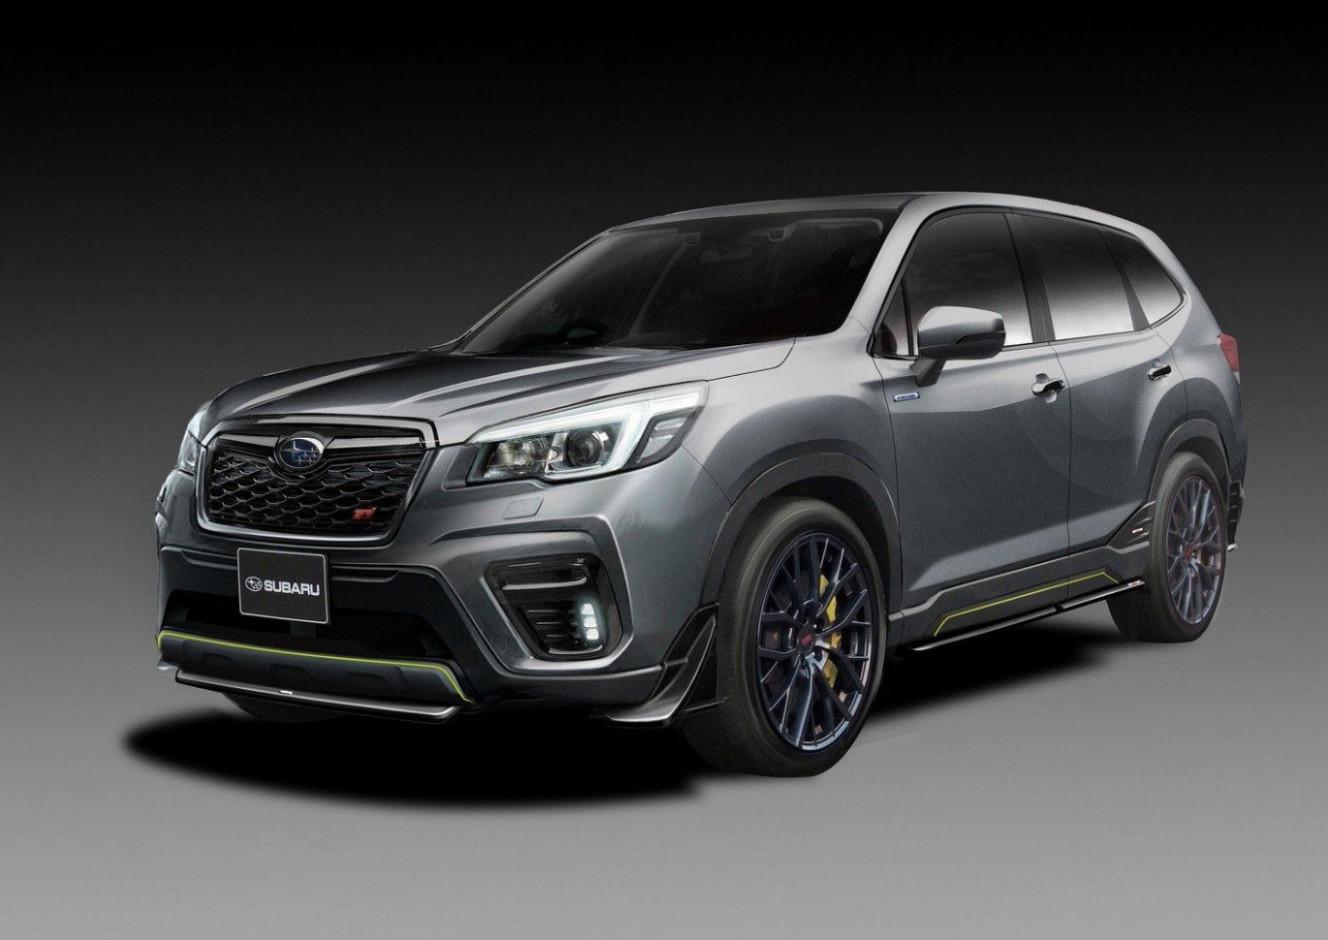 Photos 2022 Subaru Forester Release Date